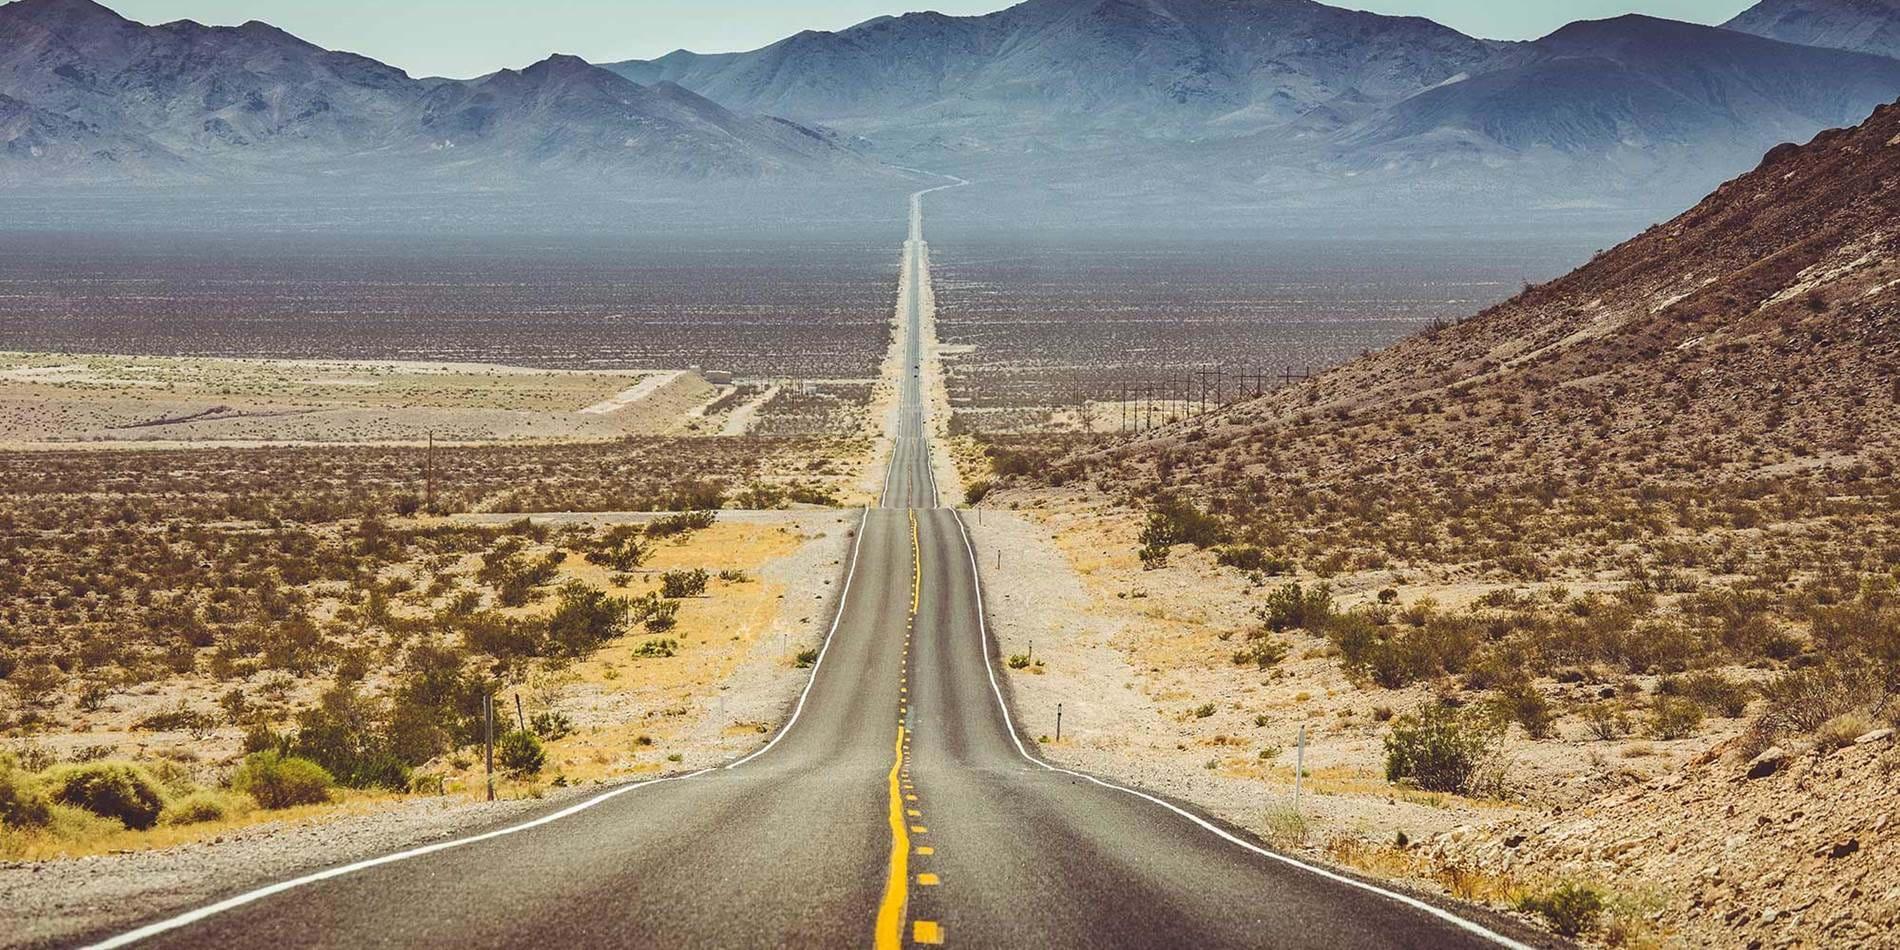 Comment préparer son rond trip aux États-Unis